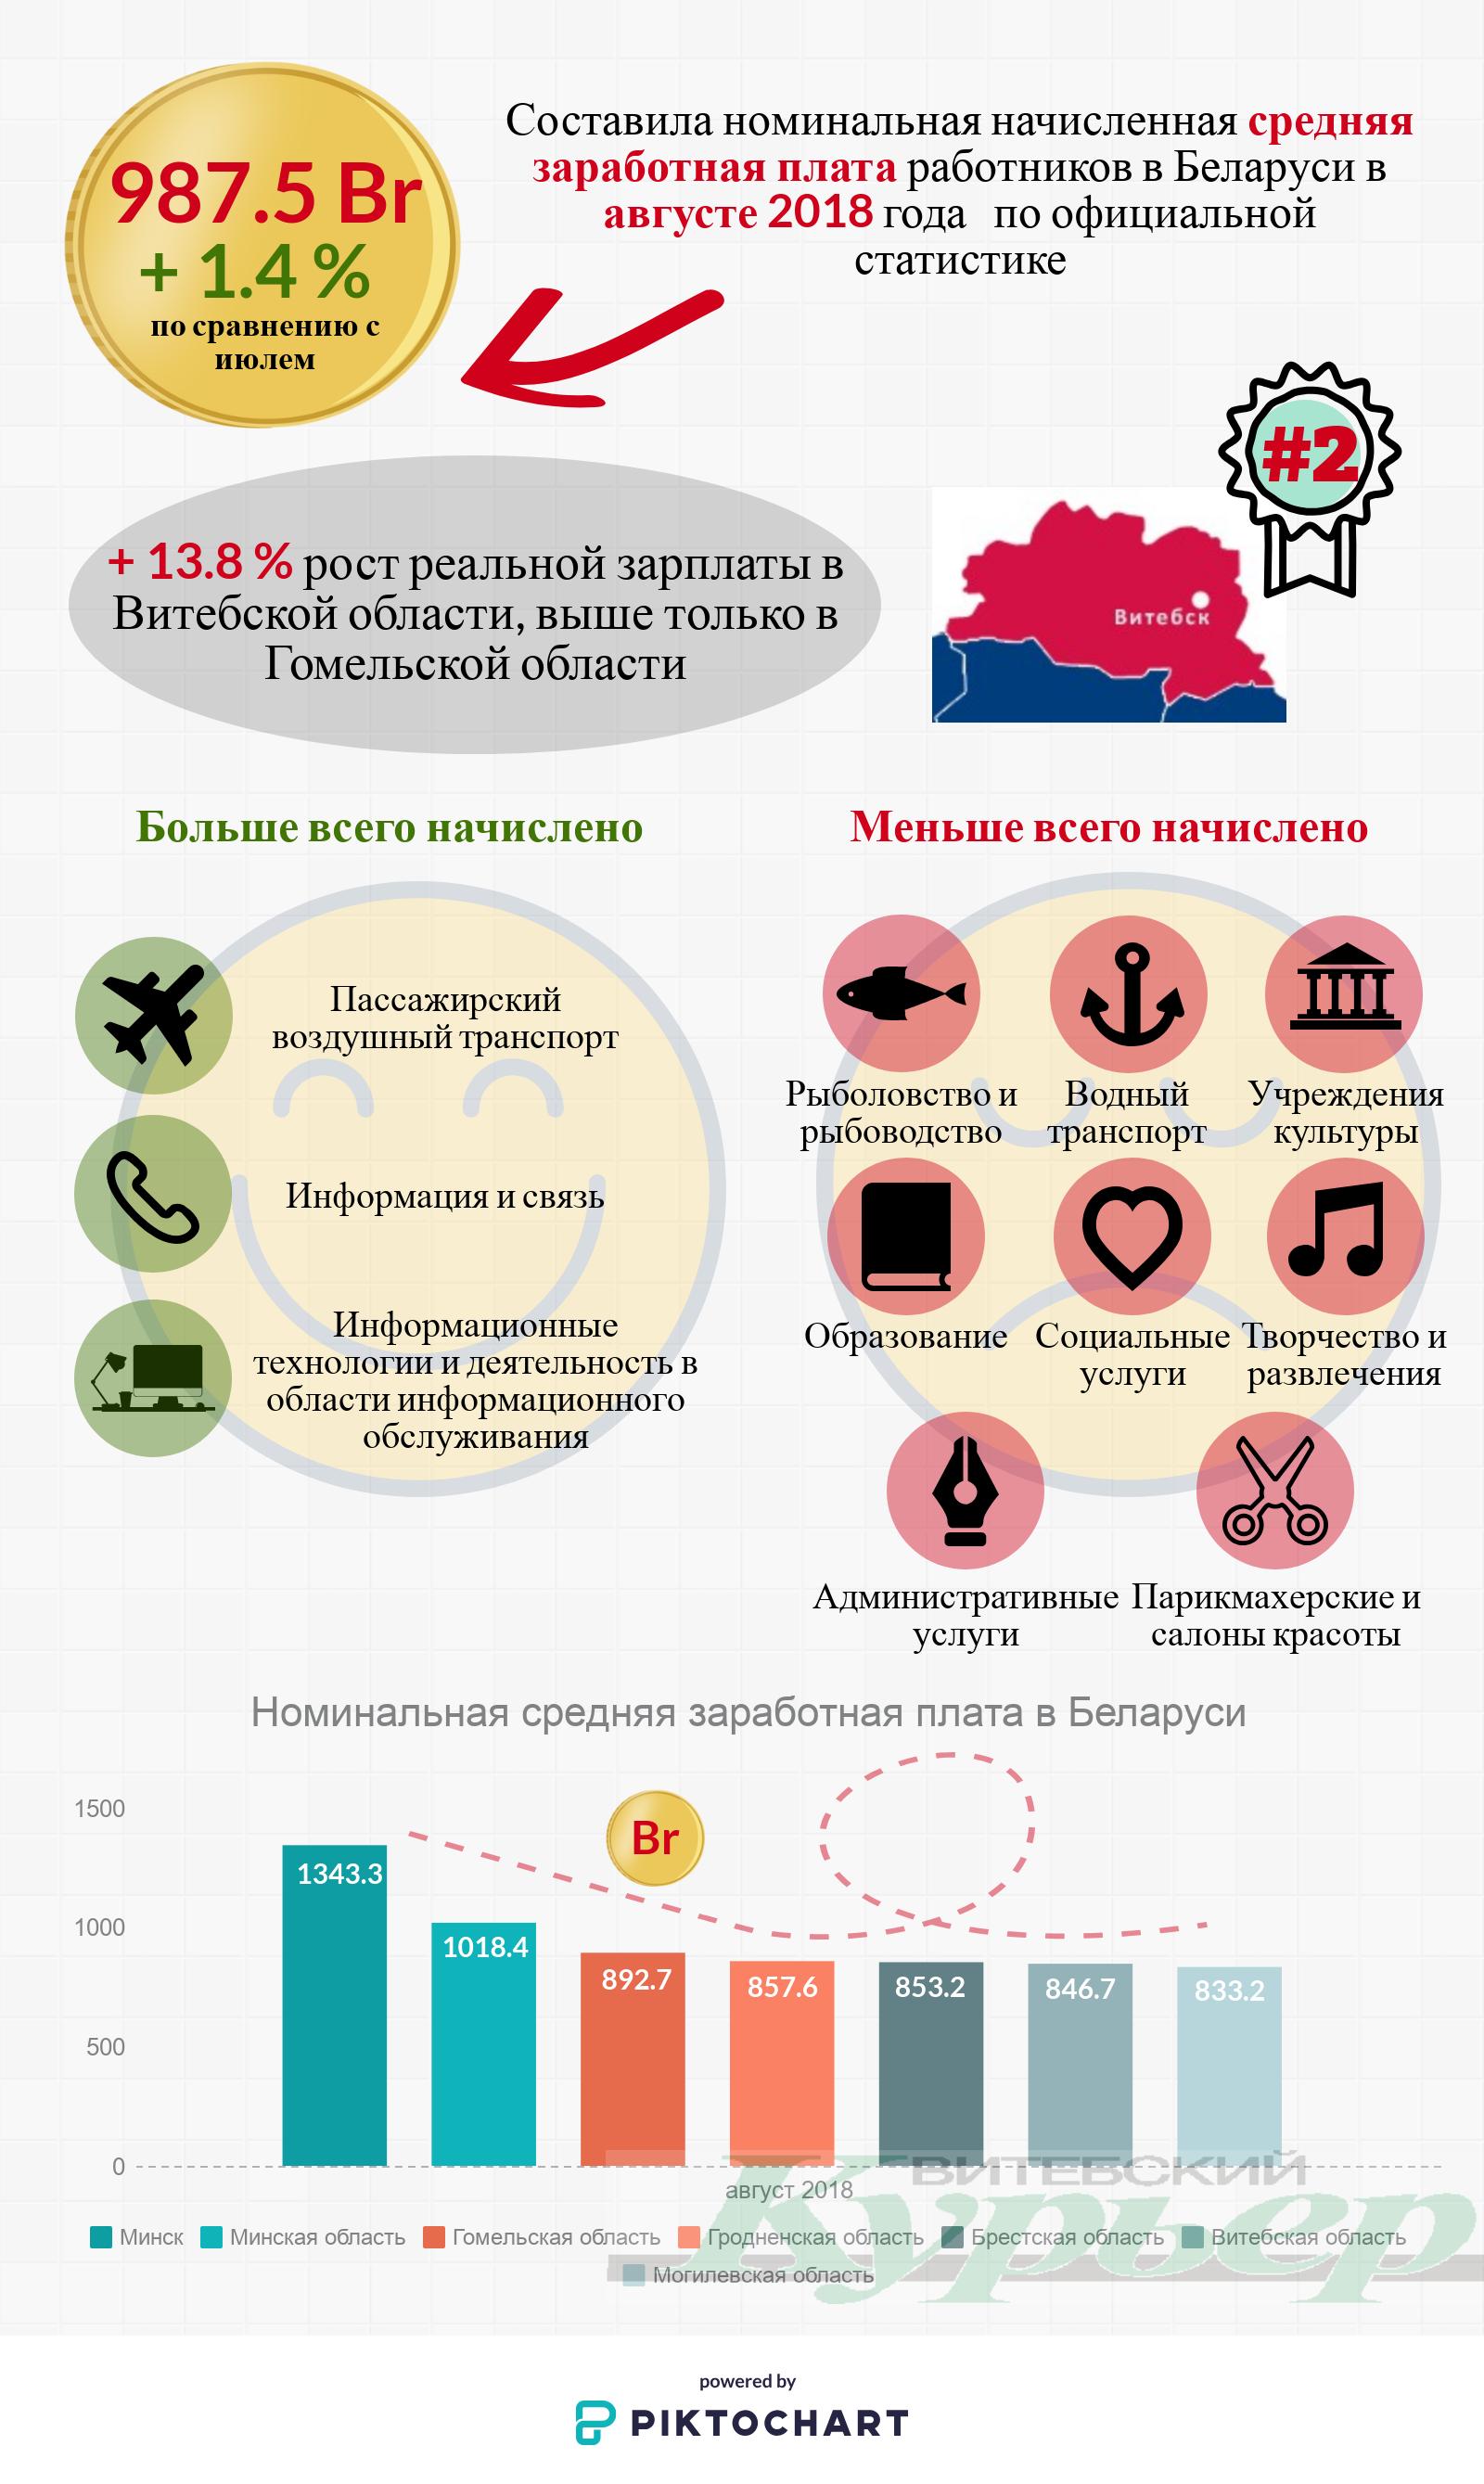 В Беларуси выросла зарплата. Как ни удивительно, на втором месте - Витебская область